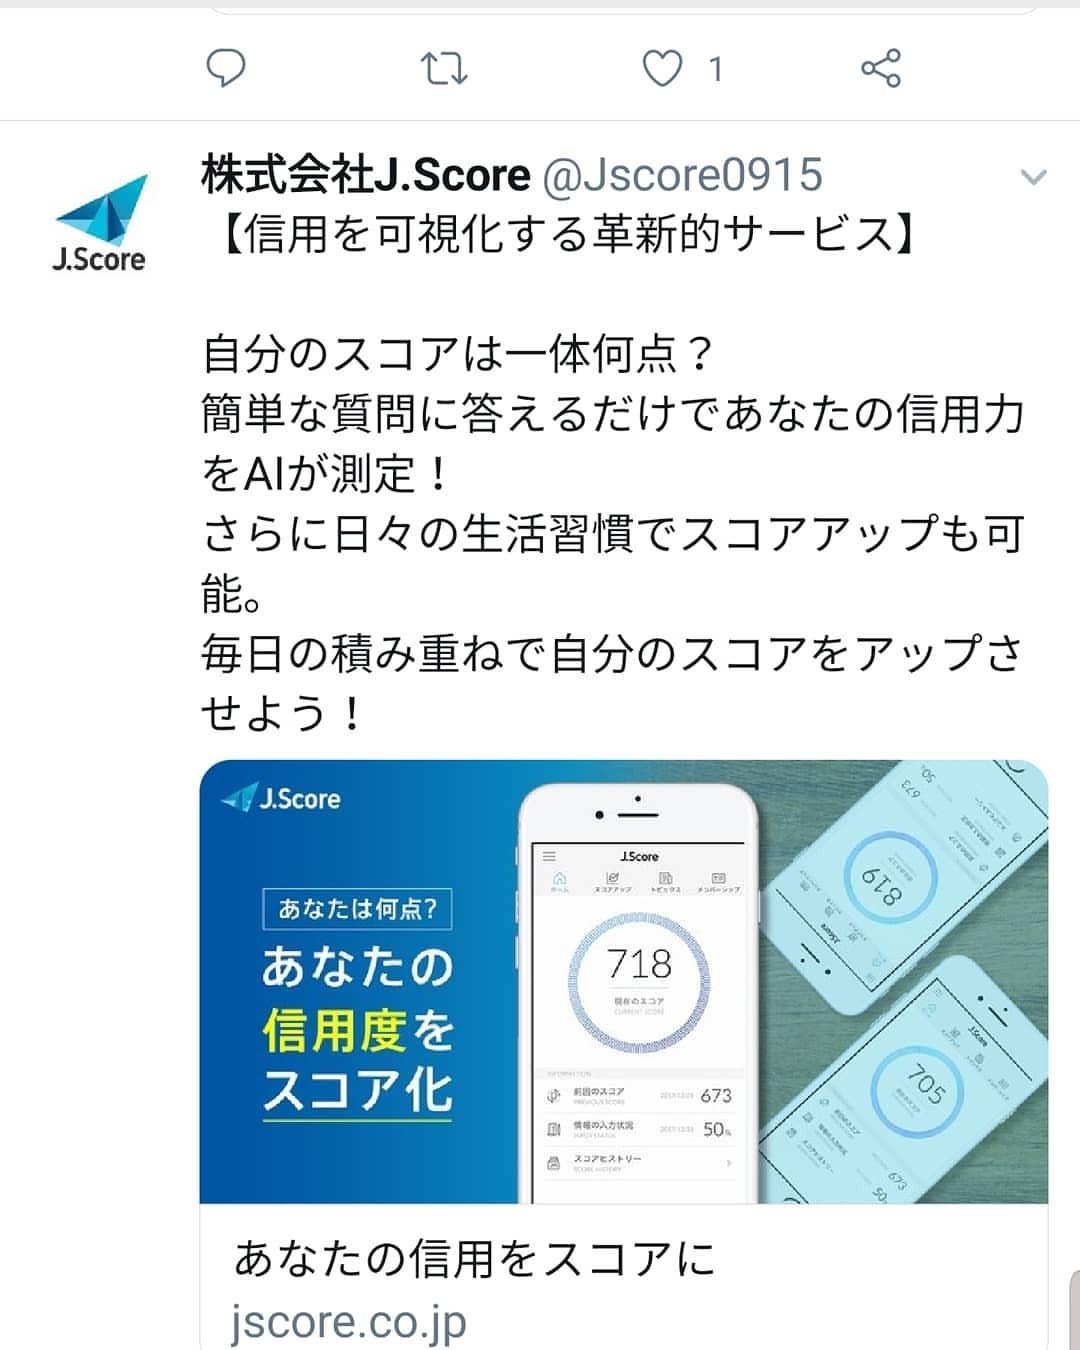 ヤフーのニュースのせいか、なんかスコアな広告が流れてきた。https://www.instagram.com/p/ByUMso3ASYP/?igshid=1d4fw251trqhs